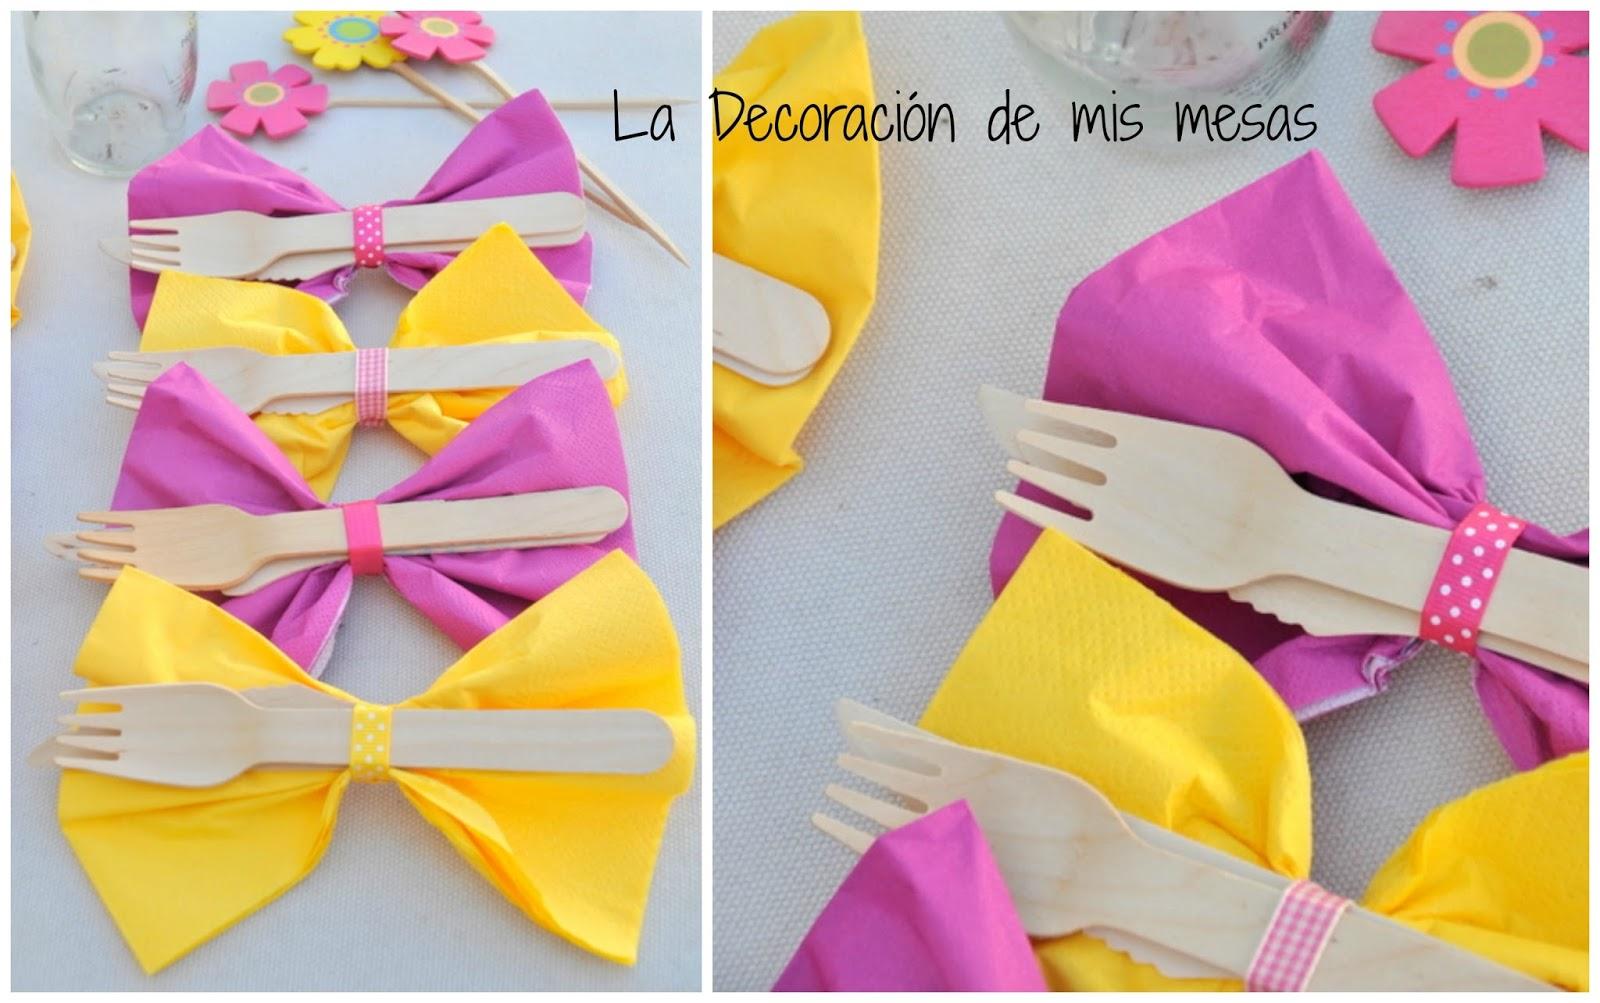 Presentar las servilletas de forma original for Decoracion de servilletas